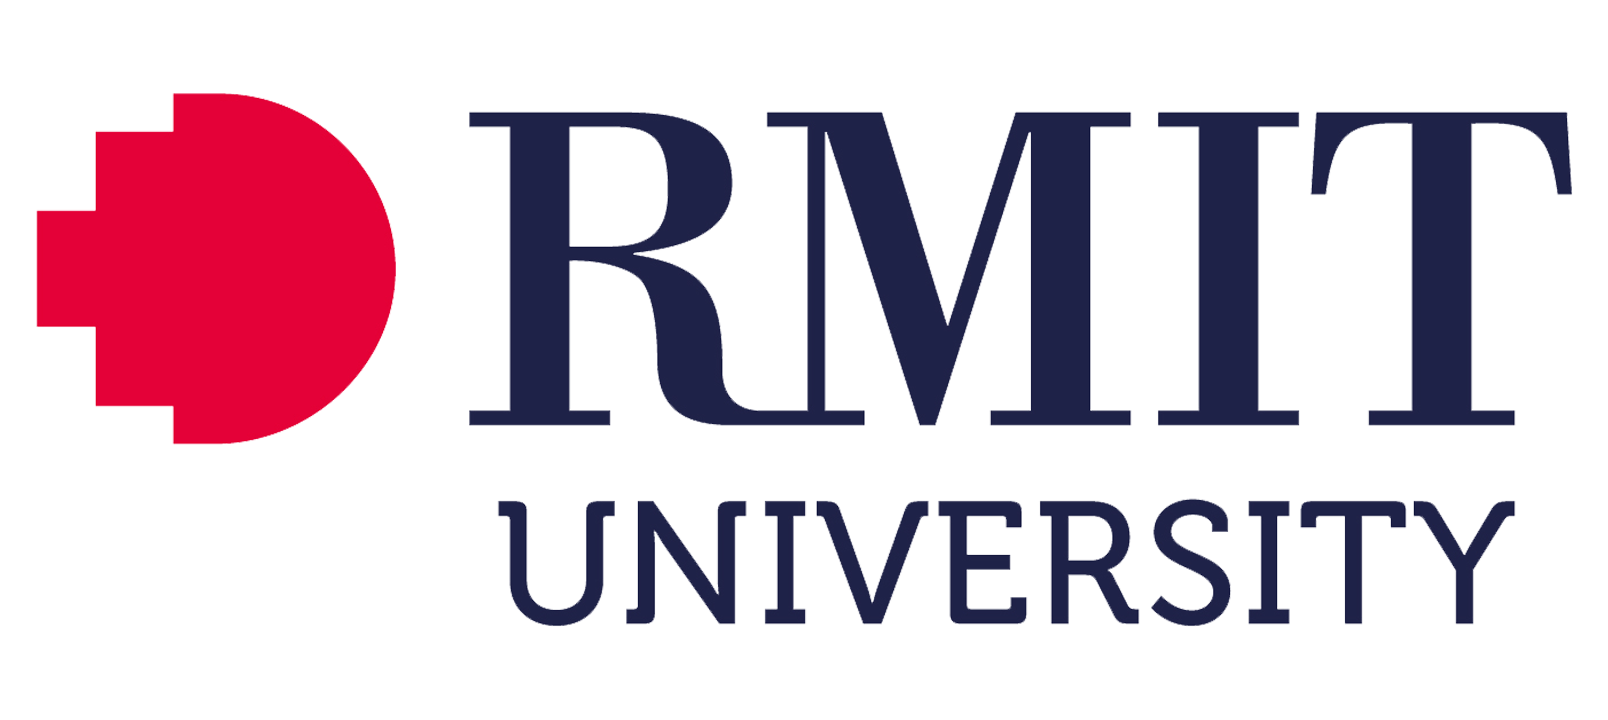 RMIT University - RMIT University